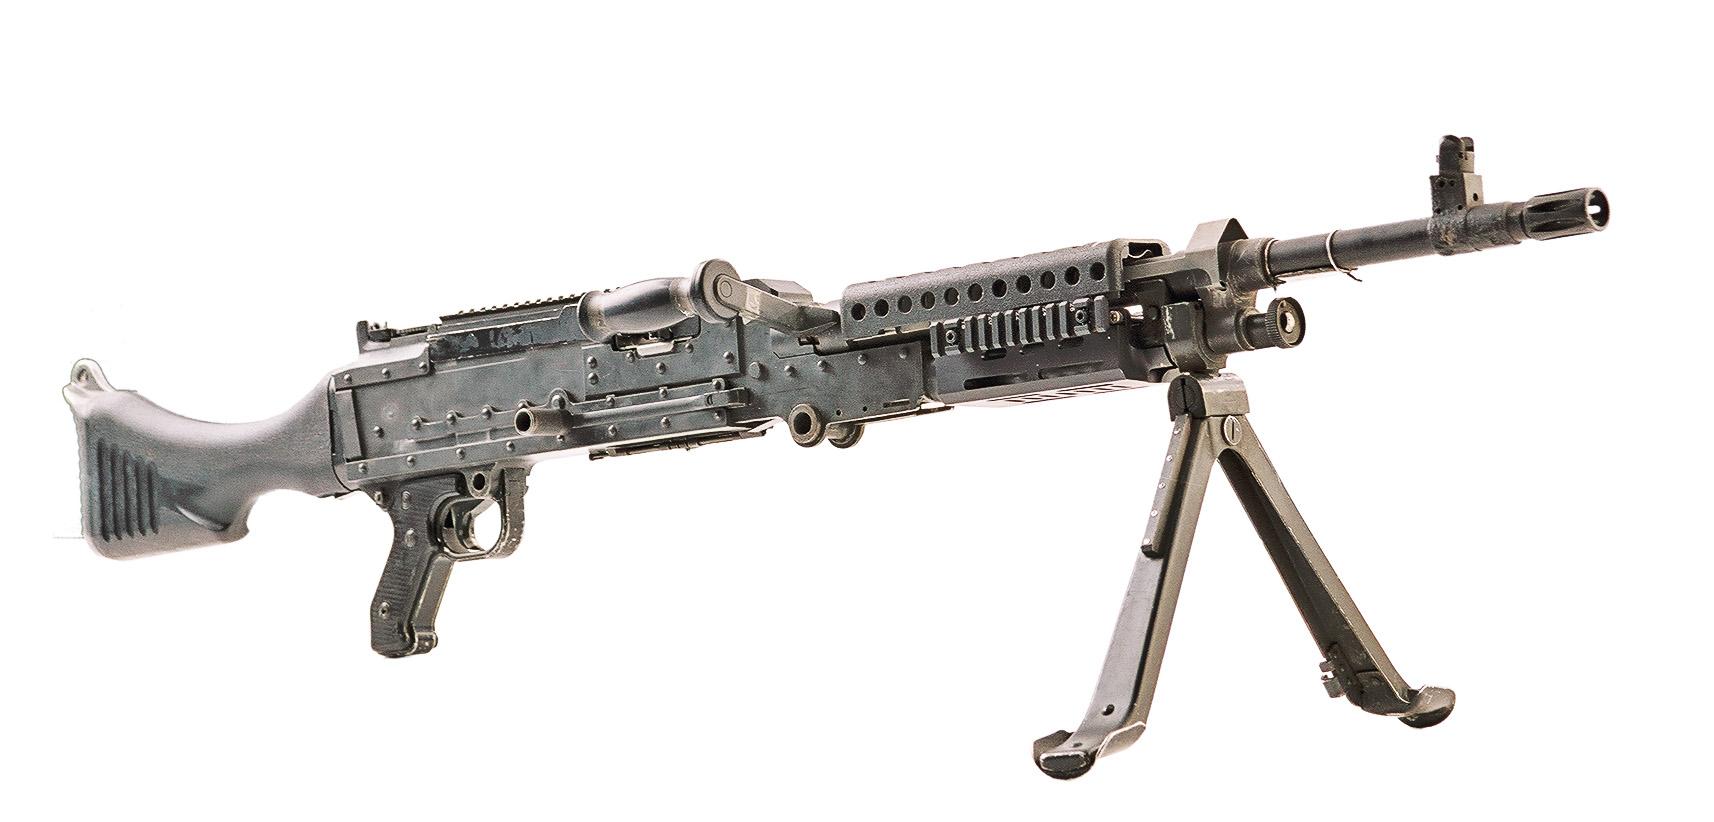 الفرقة الذهبية - العمليات الخاصة PEO_M240B_Profile